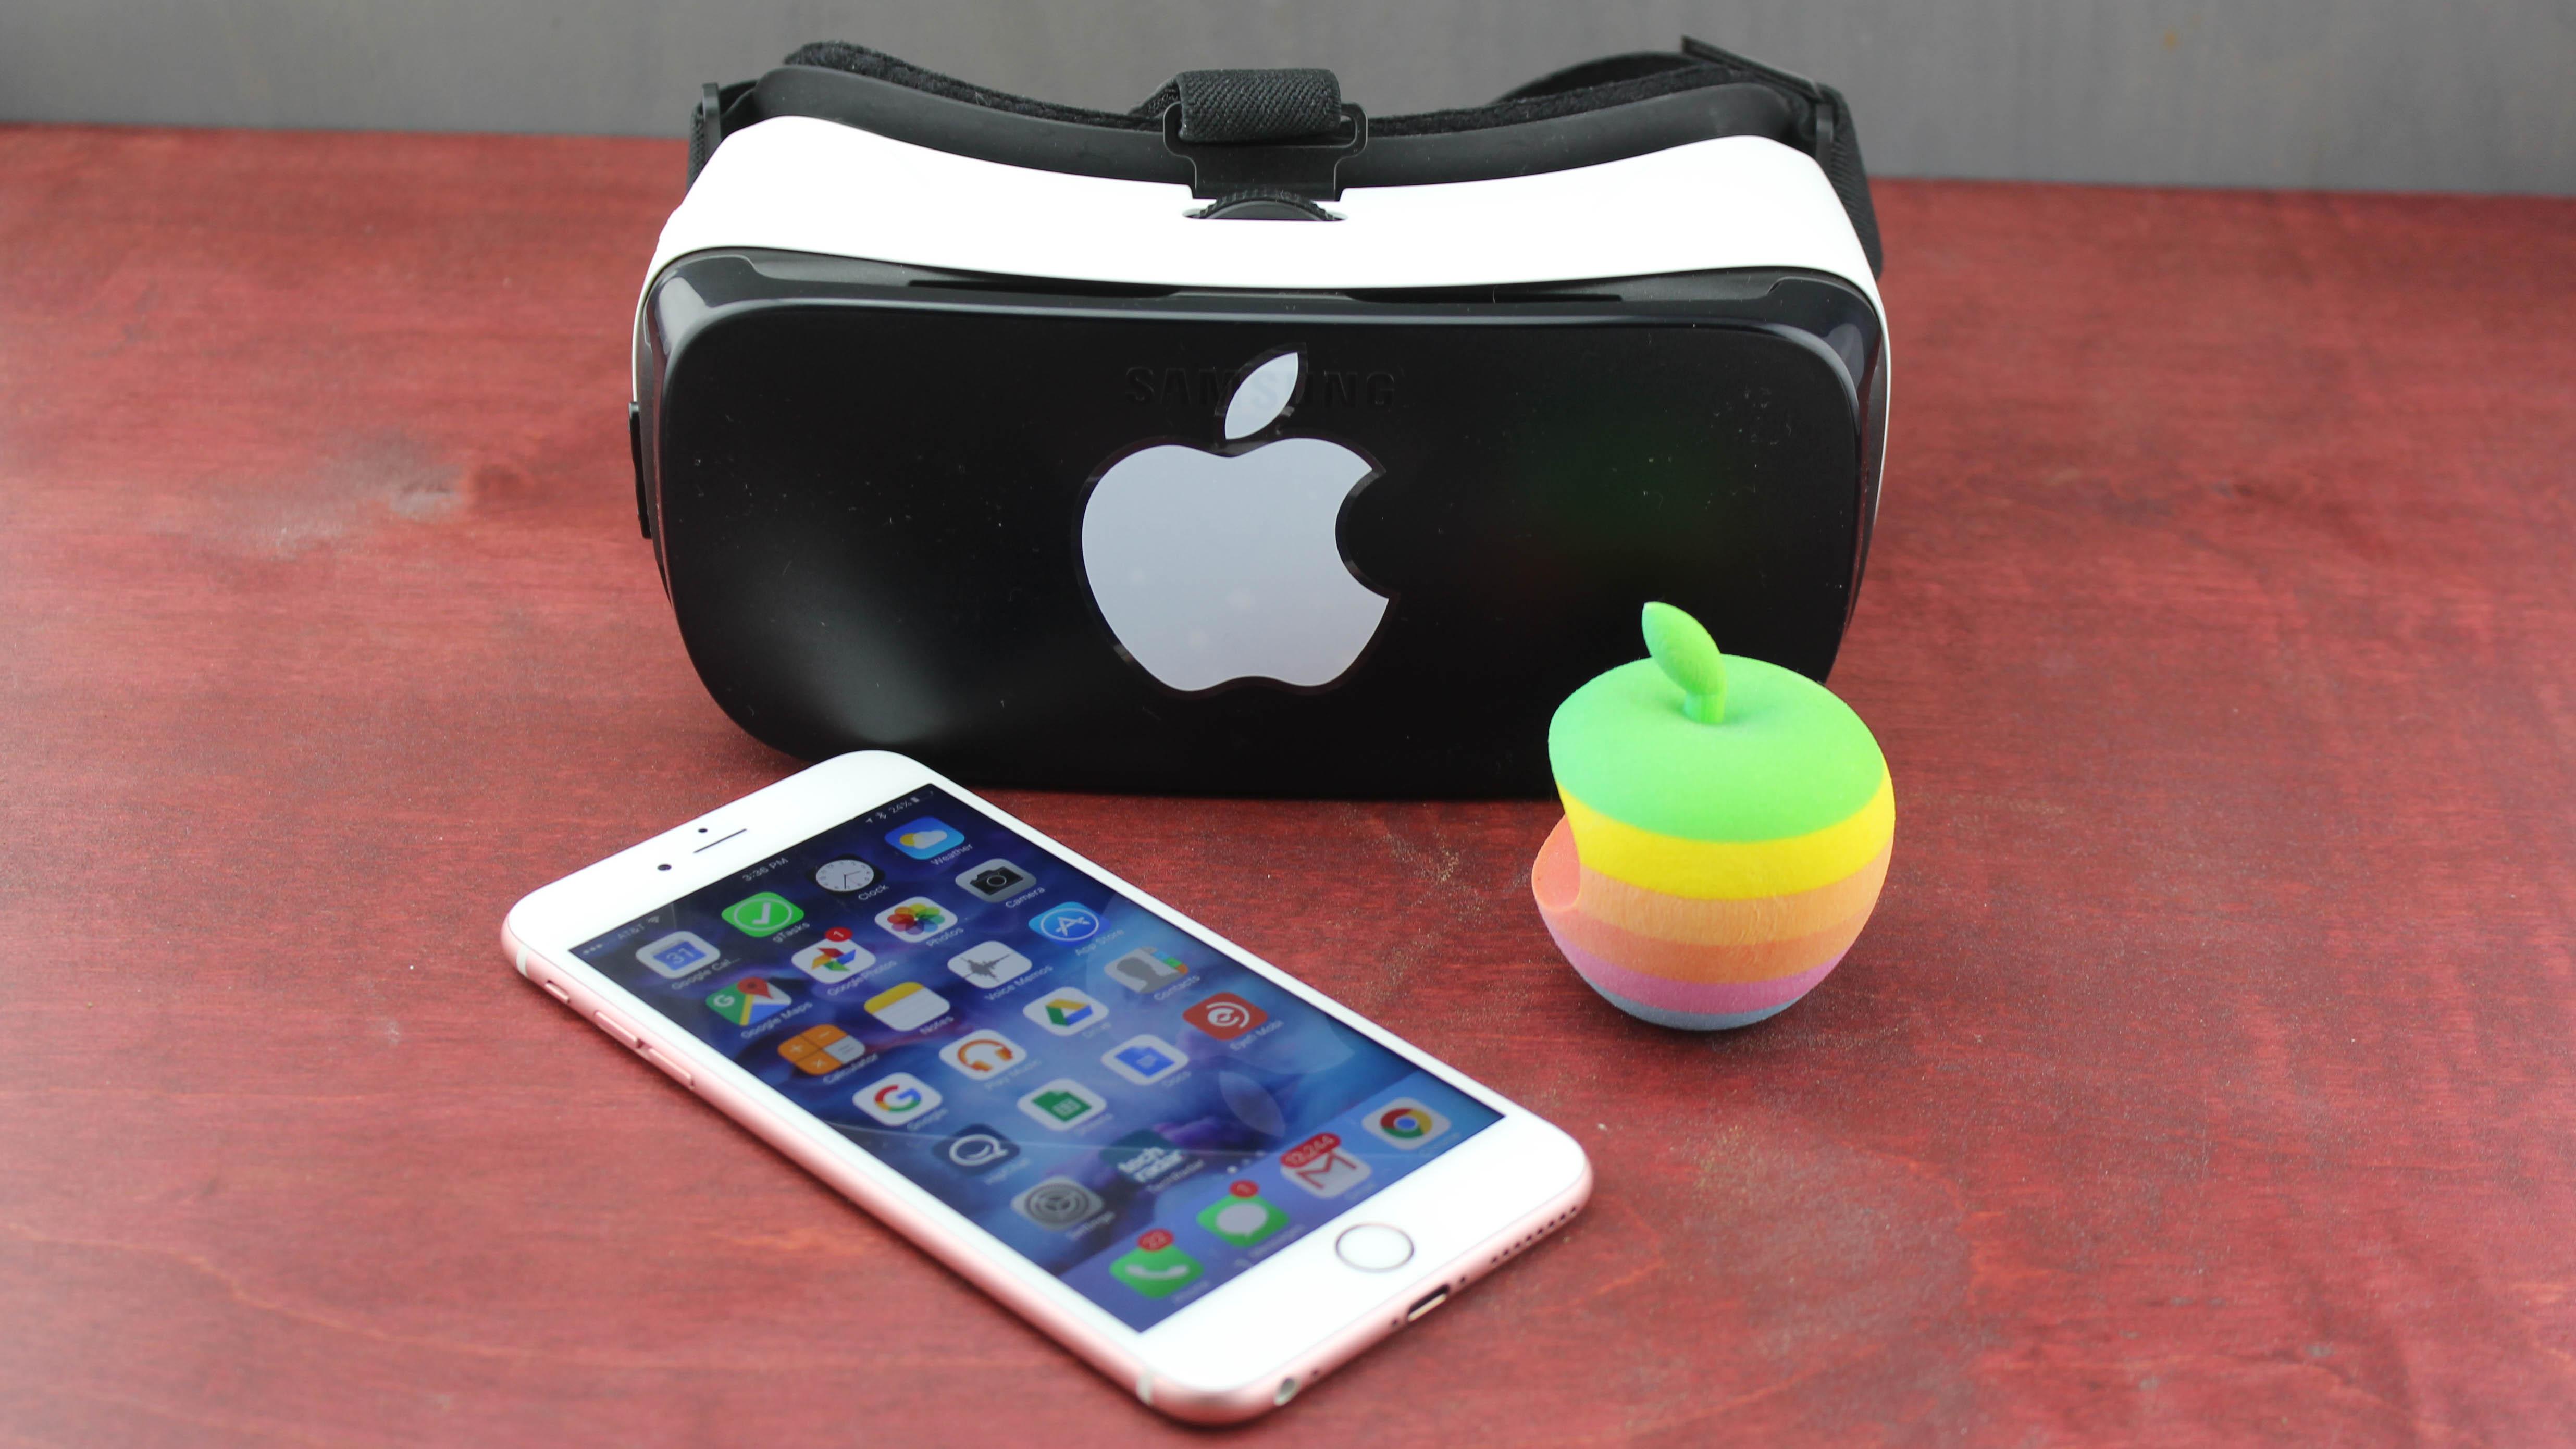 苹果的VR/AR头显或须要依靠于iPhone或iPad